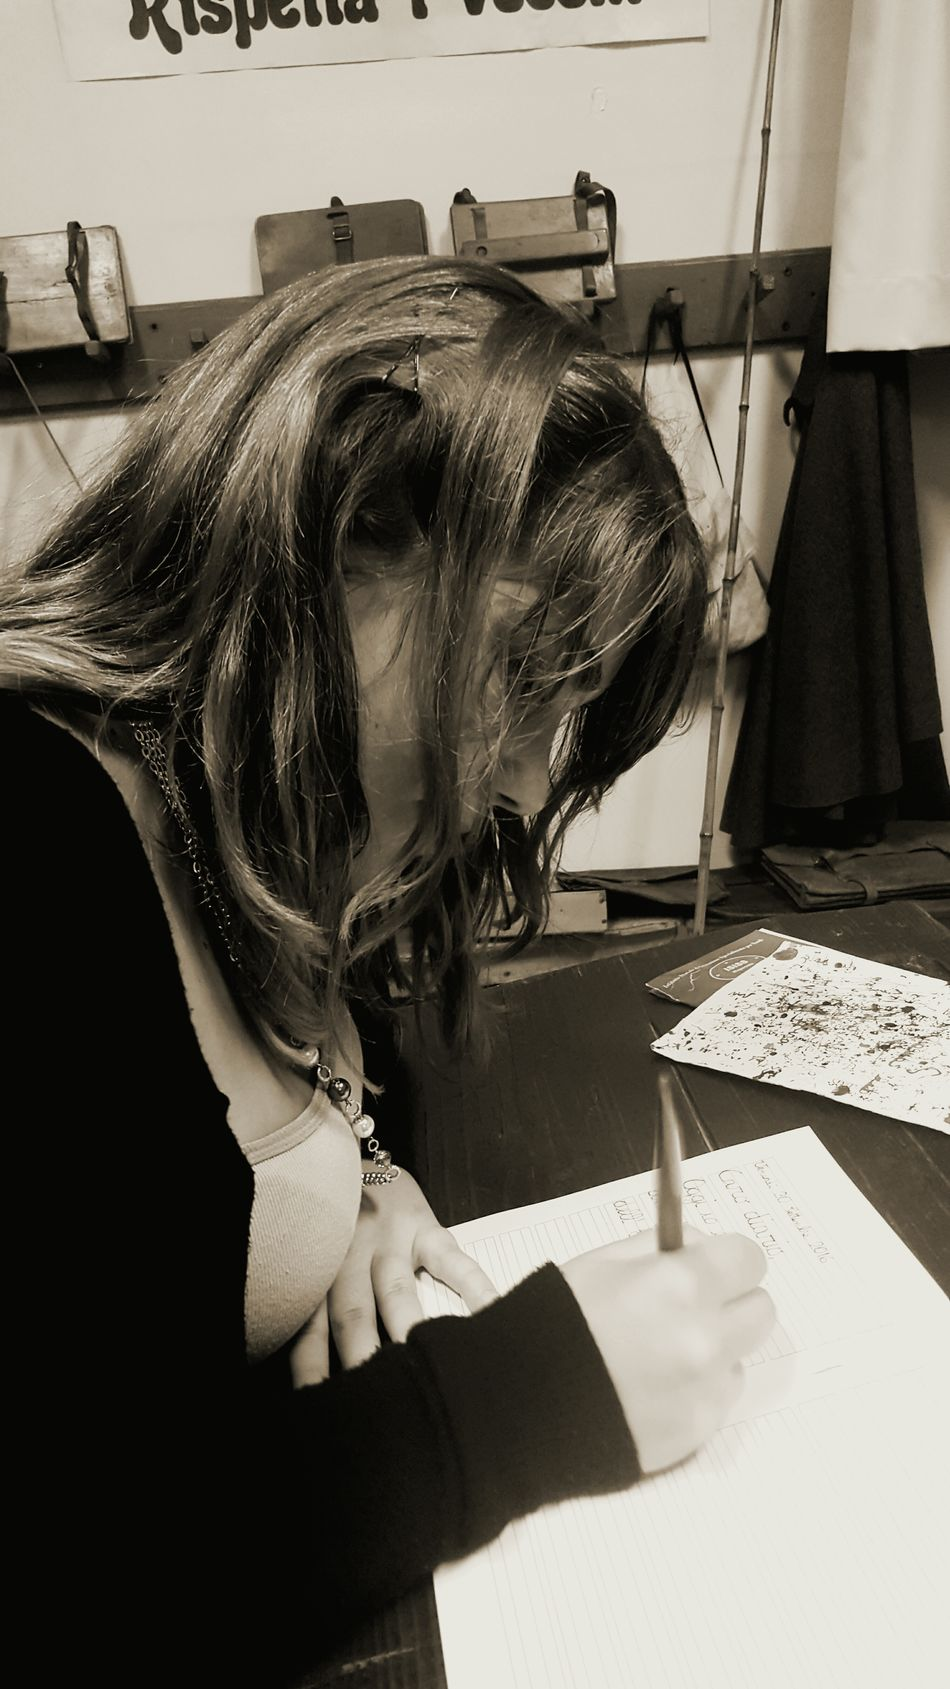 Oldschool School Callygraphy Nib Writing Education Vecchia Scuola Scuola Calligrafia Pennino Educazione